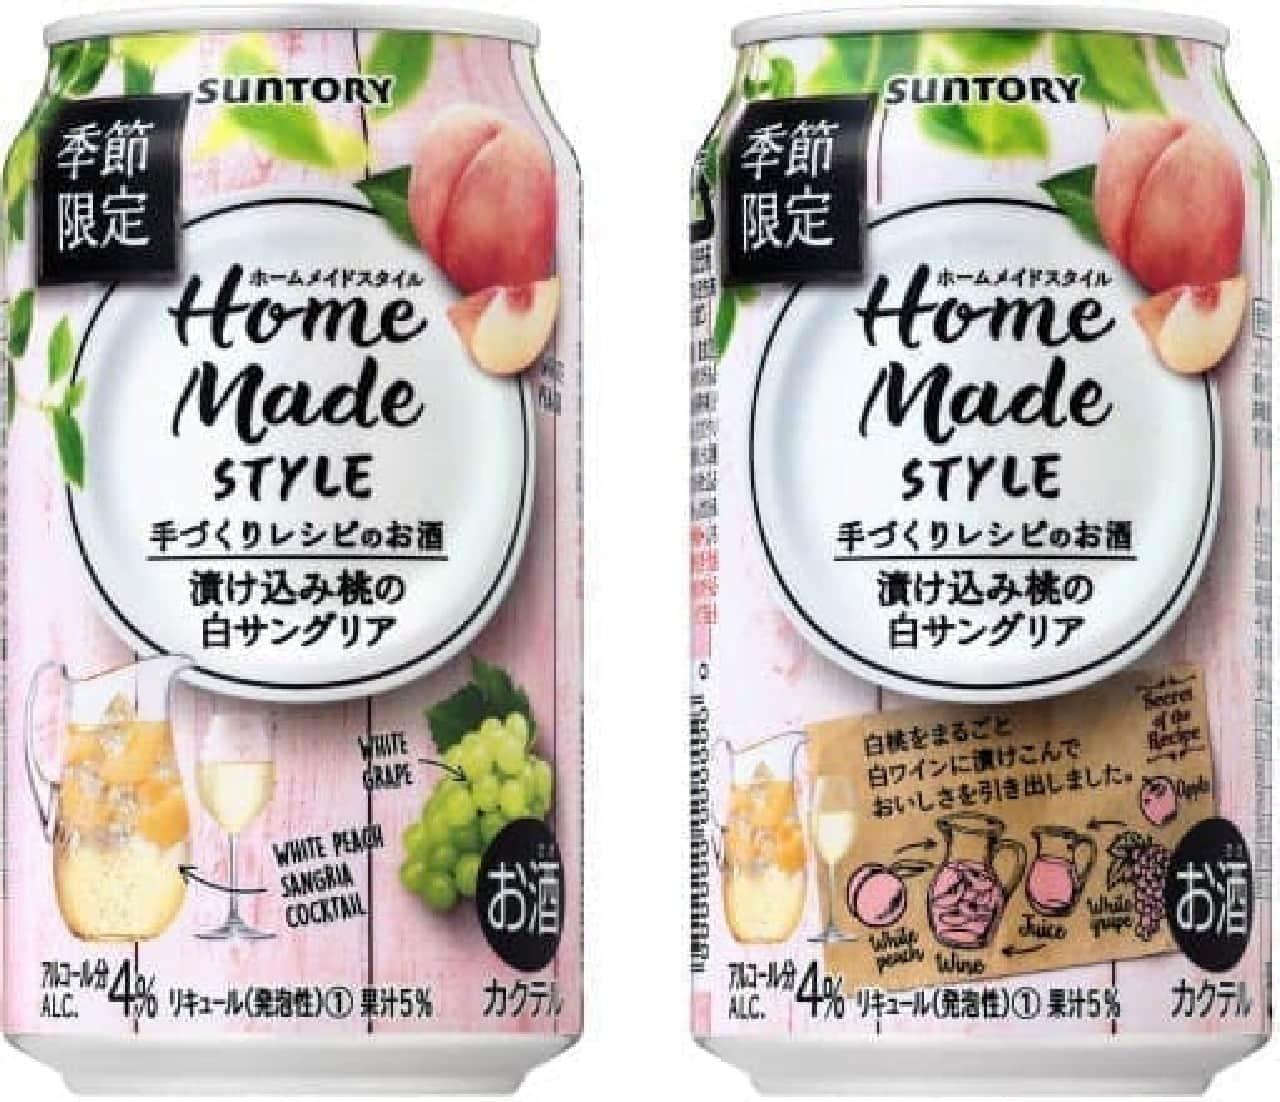 サントリーから「ホームメイドスタイル 漬け込み桃の白サングリア」発売